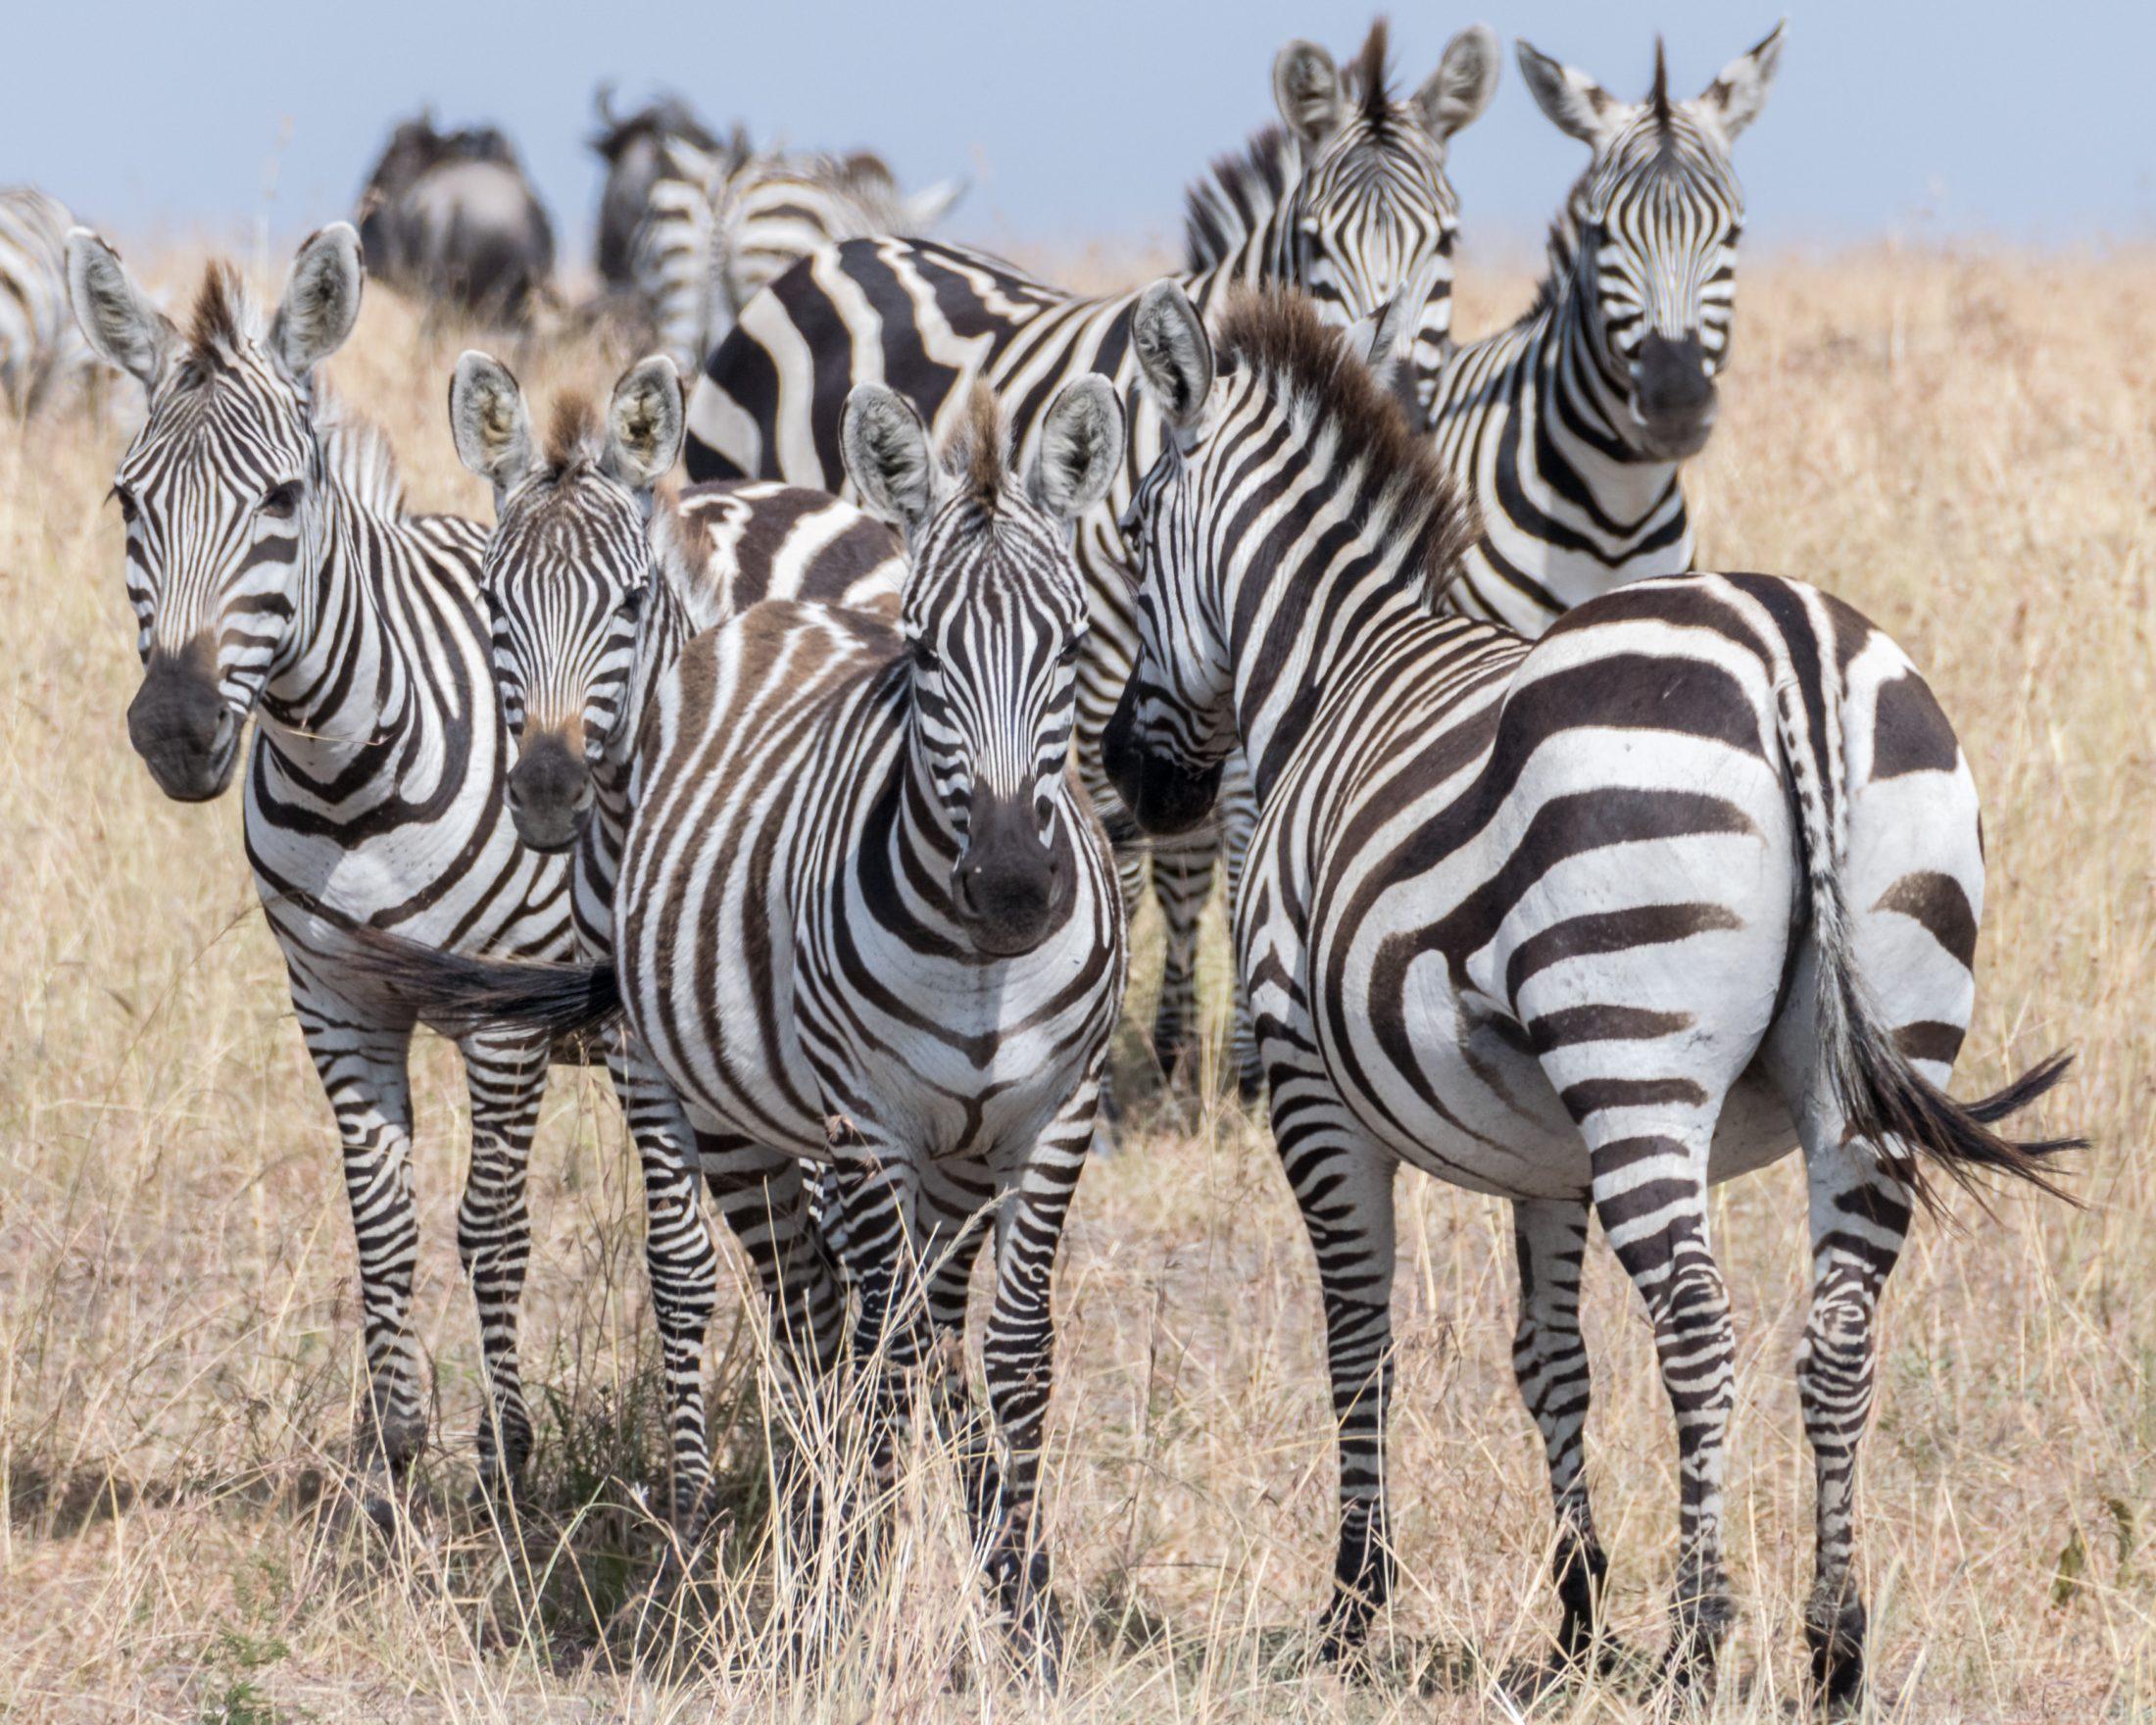 Sonhar com zebra doente é sinal de descuido com a saúde.